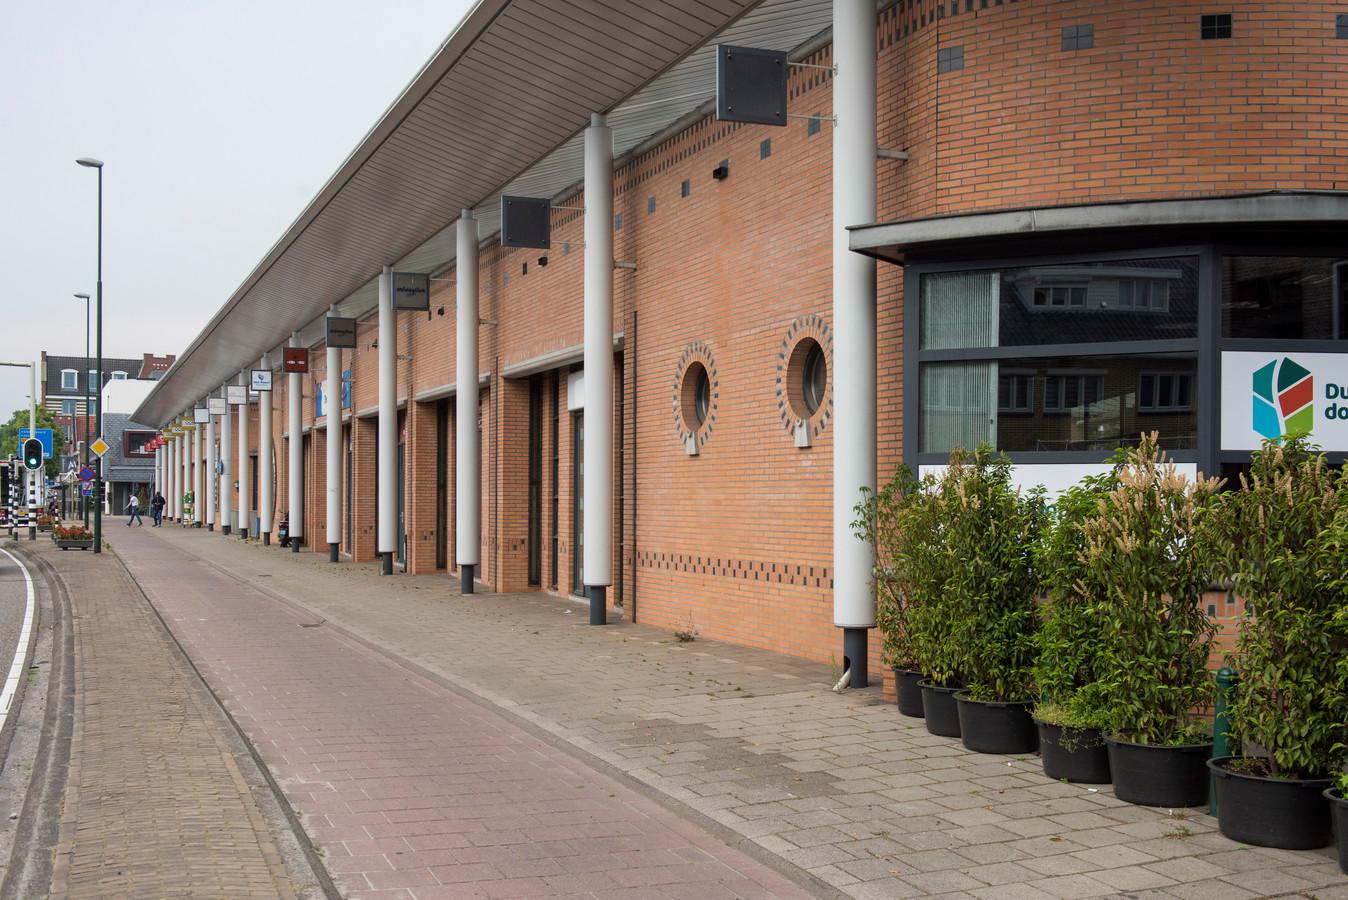 Waalre gaat ervan uit dat het noordelijke poortgebouw bij winkelcentrum Den Hof  gesloopt kan worden, zodat er een terras voor in de plaats kan komen.